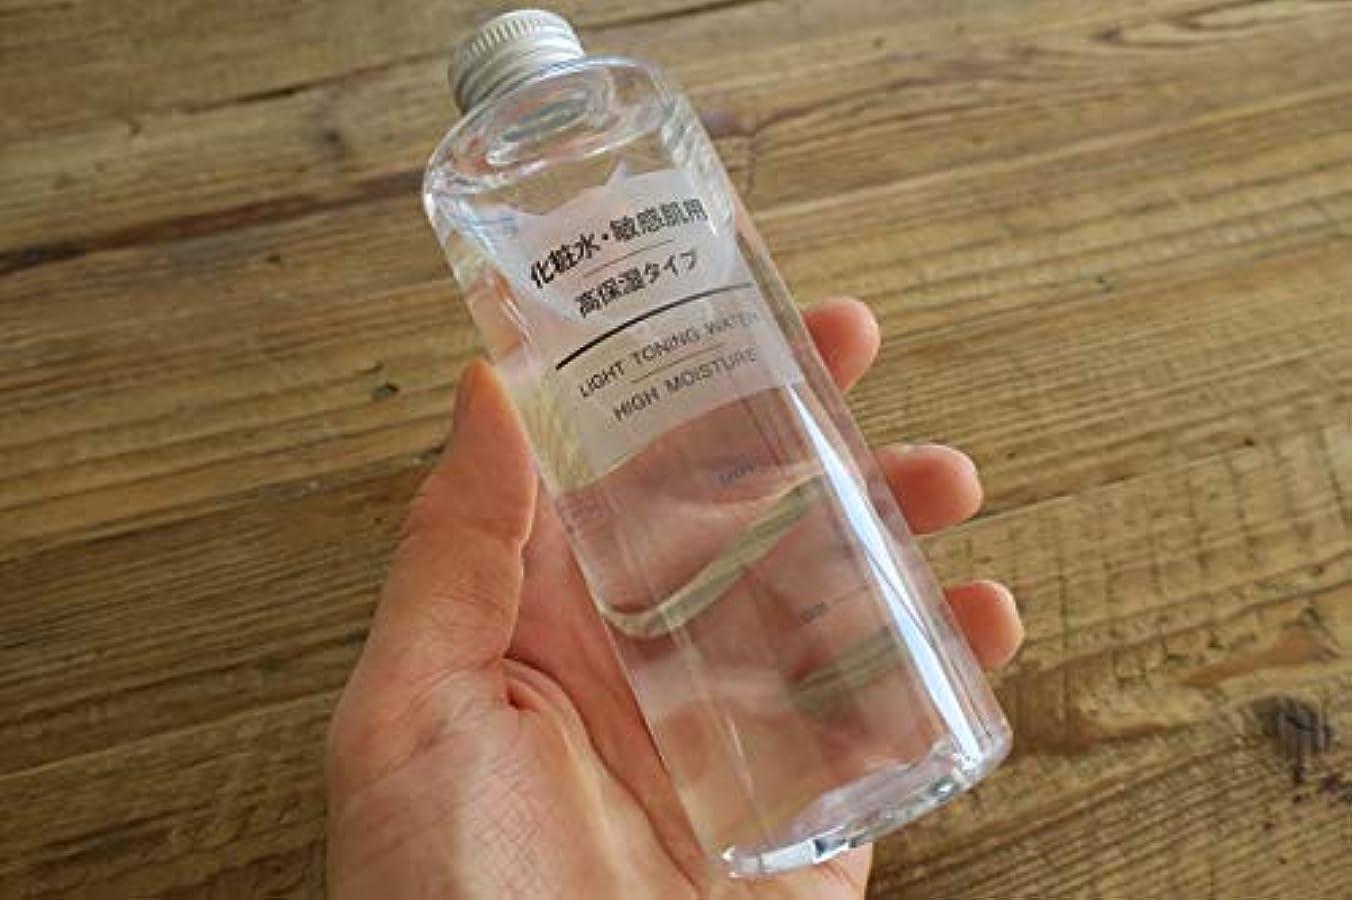 責める不満克服する無印良品 化粧水 敏感肌用 さっぱりタイプ(大容量) 400ml